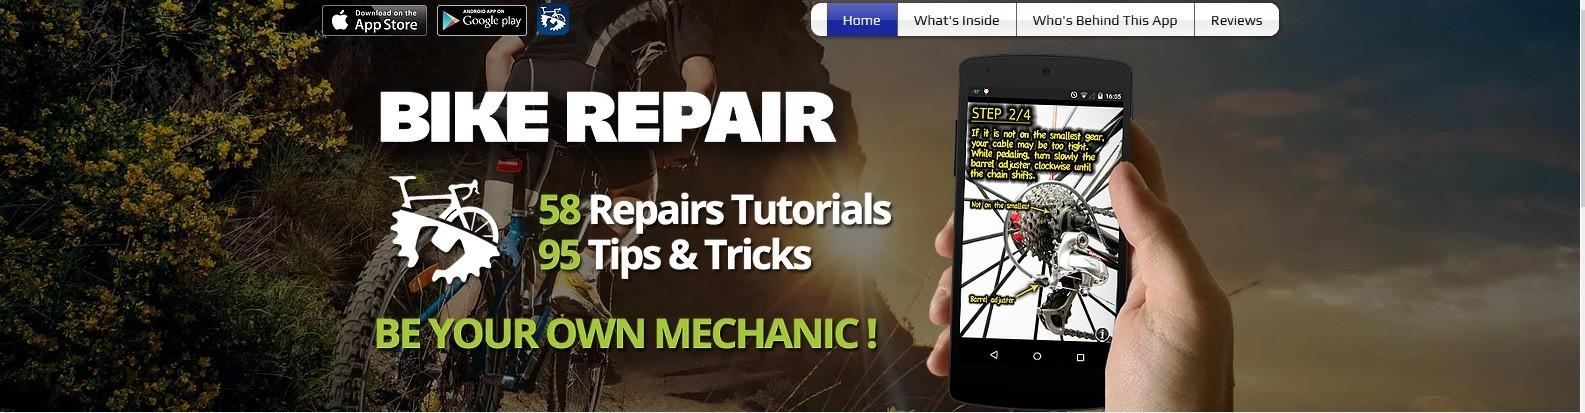 Bike Repair, una app para ciclistas